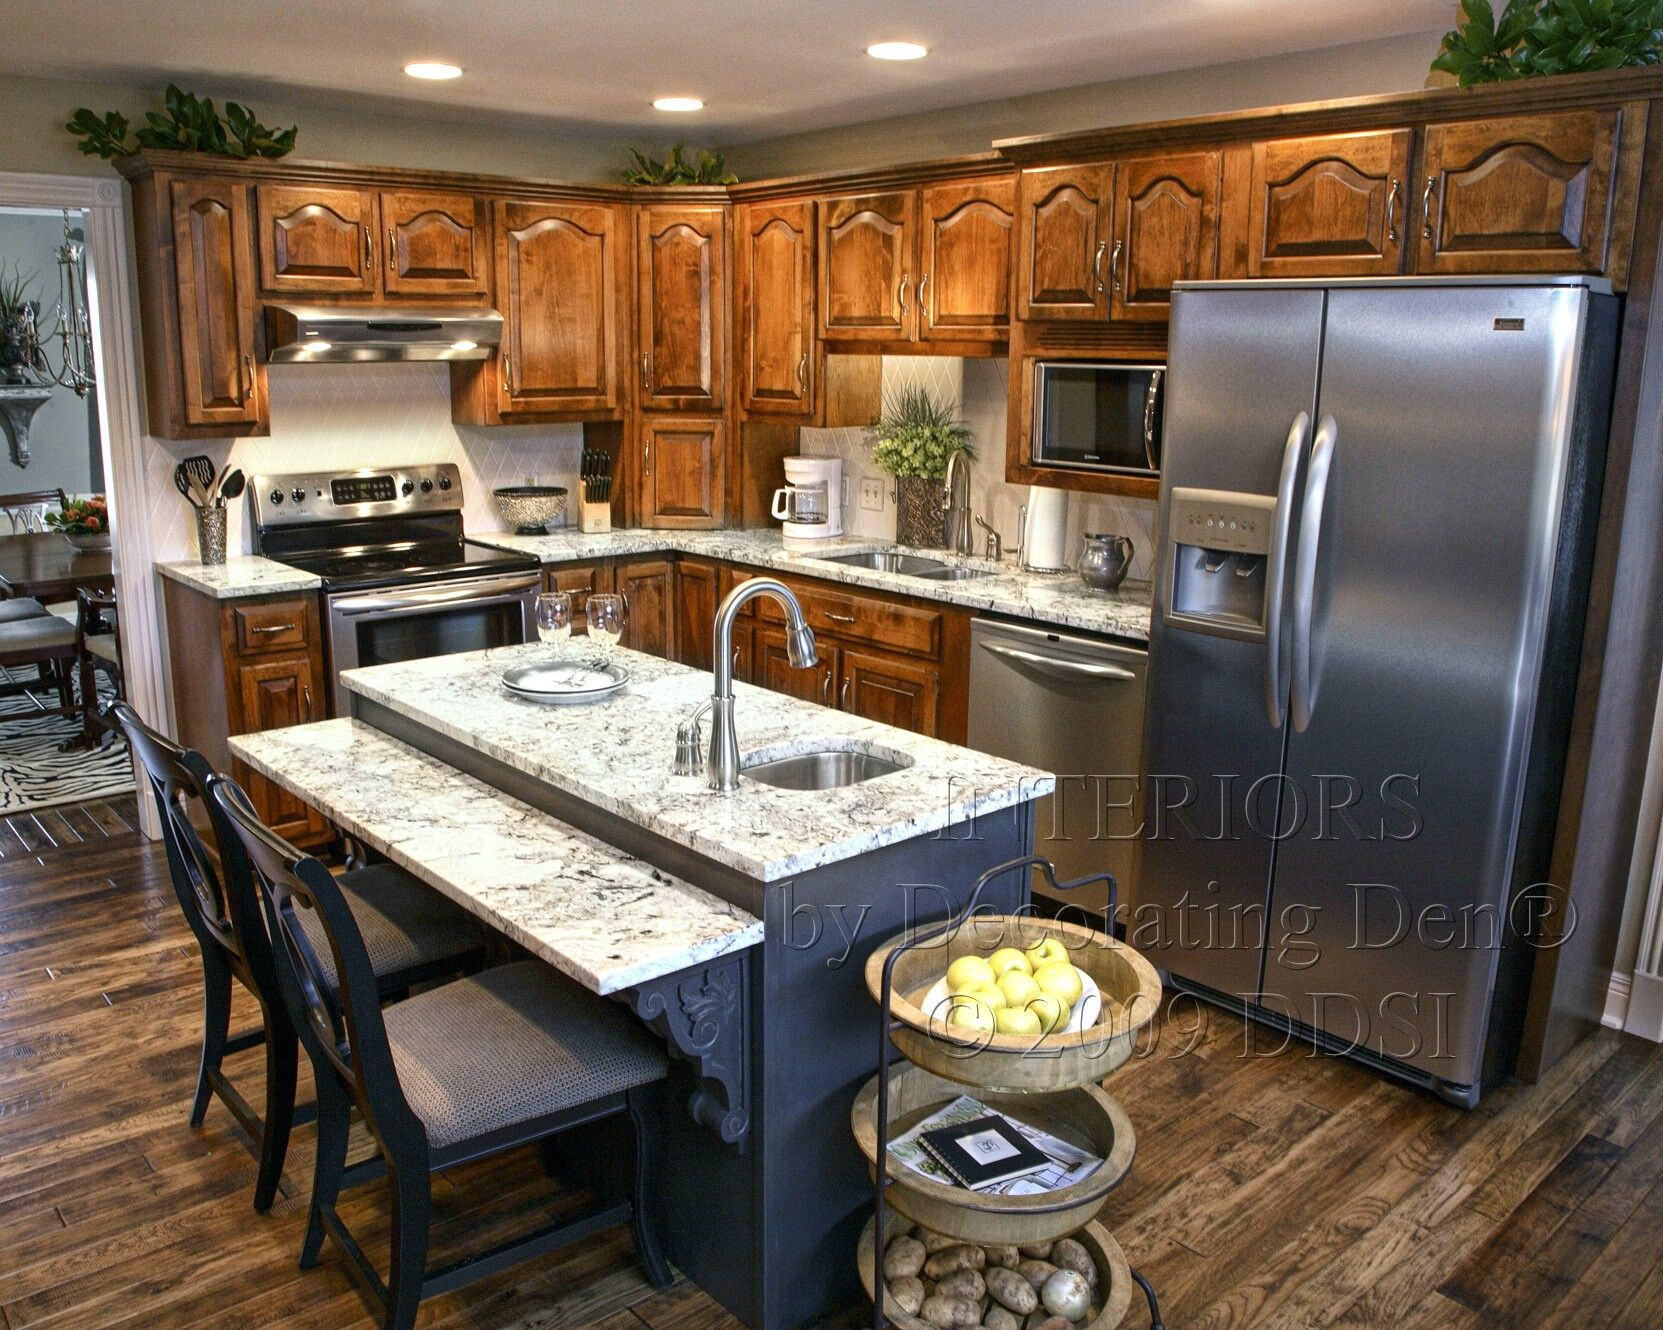 A cozy mountain kitchen kitchen interior design pinterest for Mountain kitchen designs